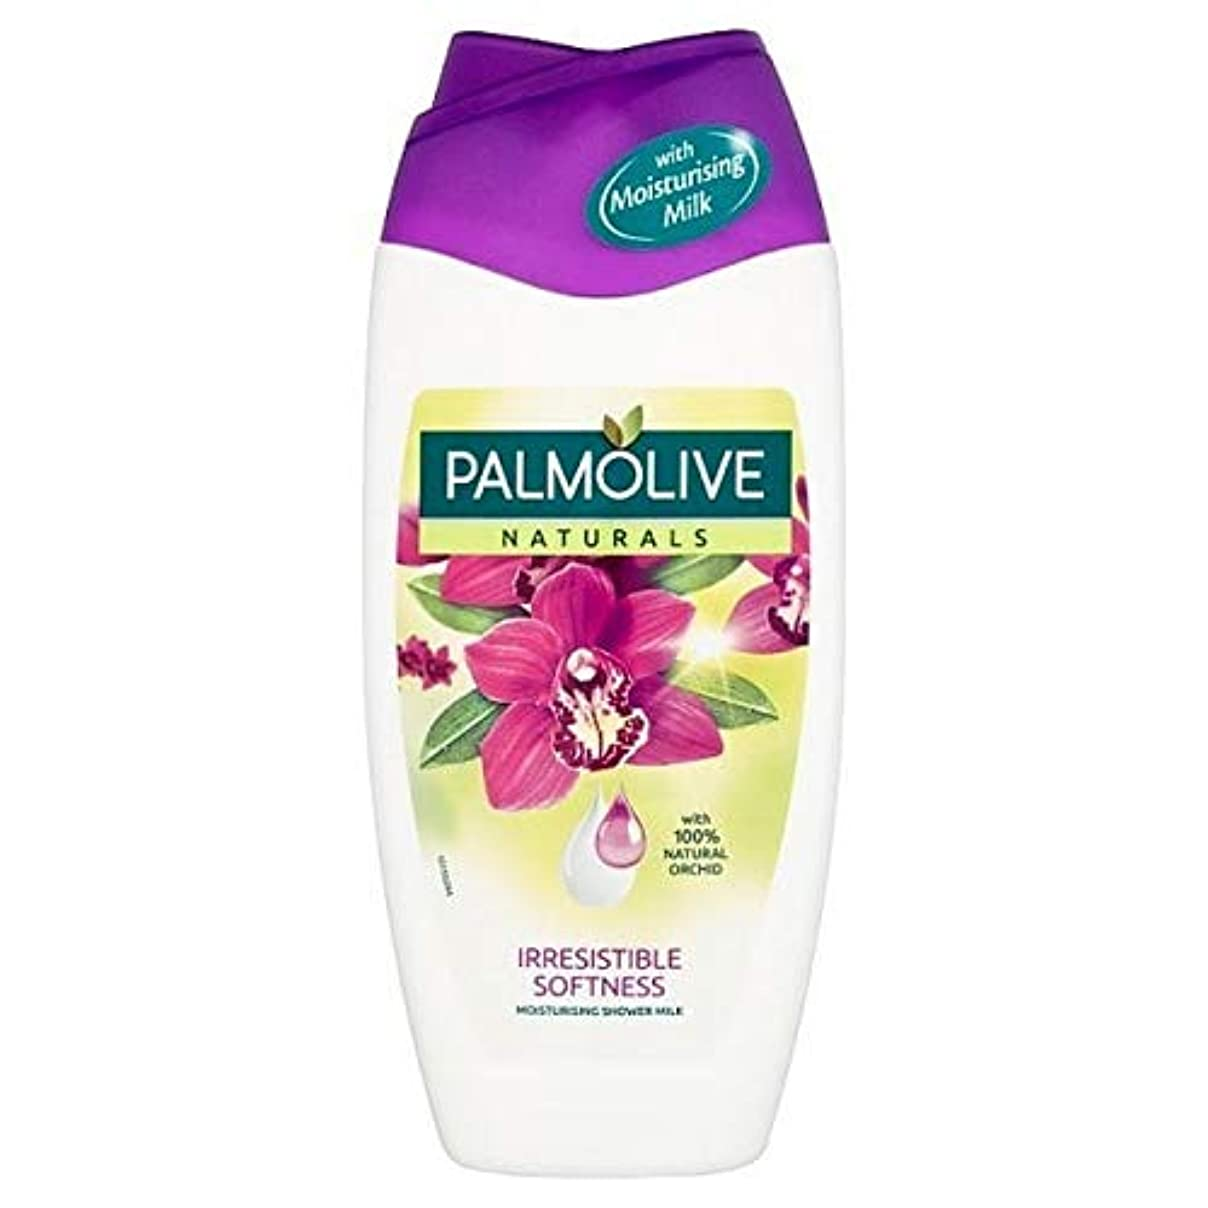 保育園定義する認識[Palmolive ] パルモライブナチュラルエキゾチックな蘭のシャワージェルクリーム250ミリリットル - Palmolive Naturals Exotic Orchid Shower Gel Cream 250ml [並行輸入品]